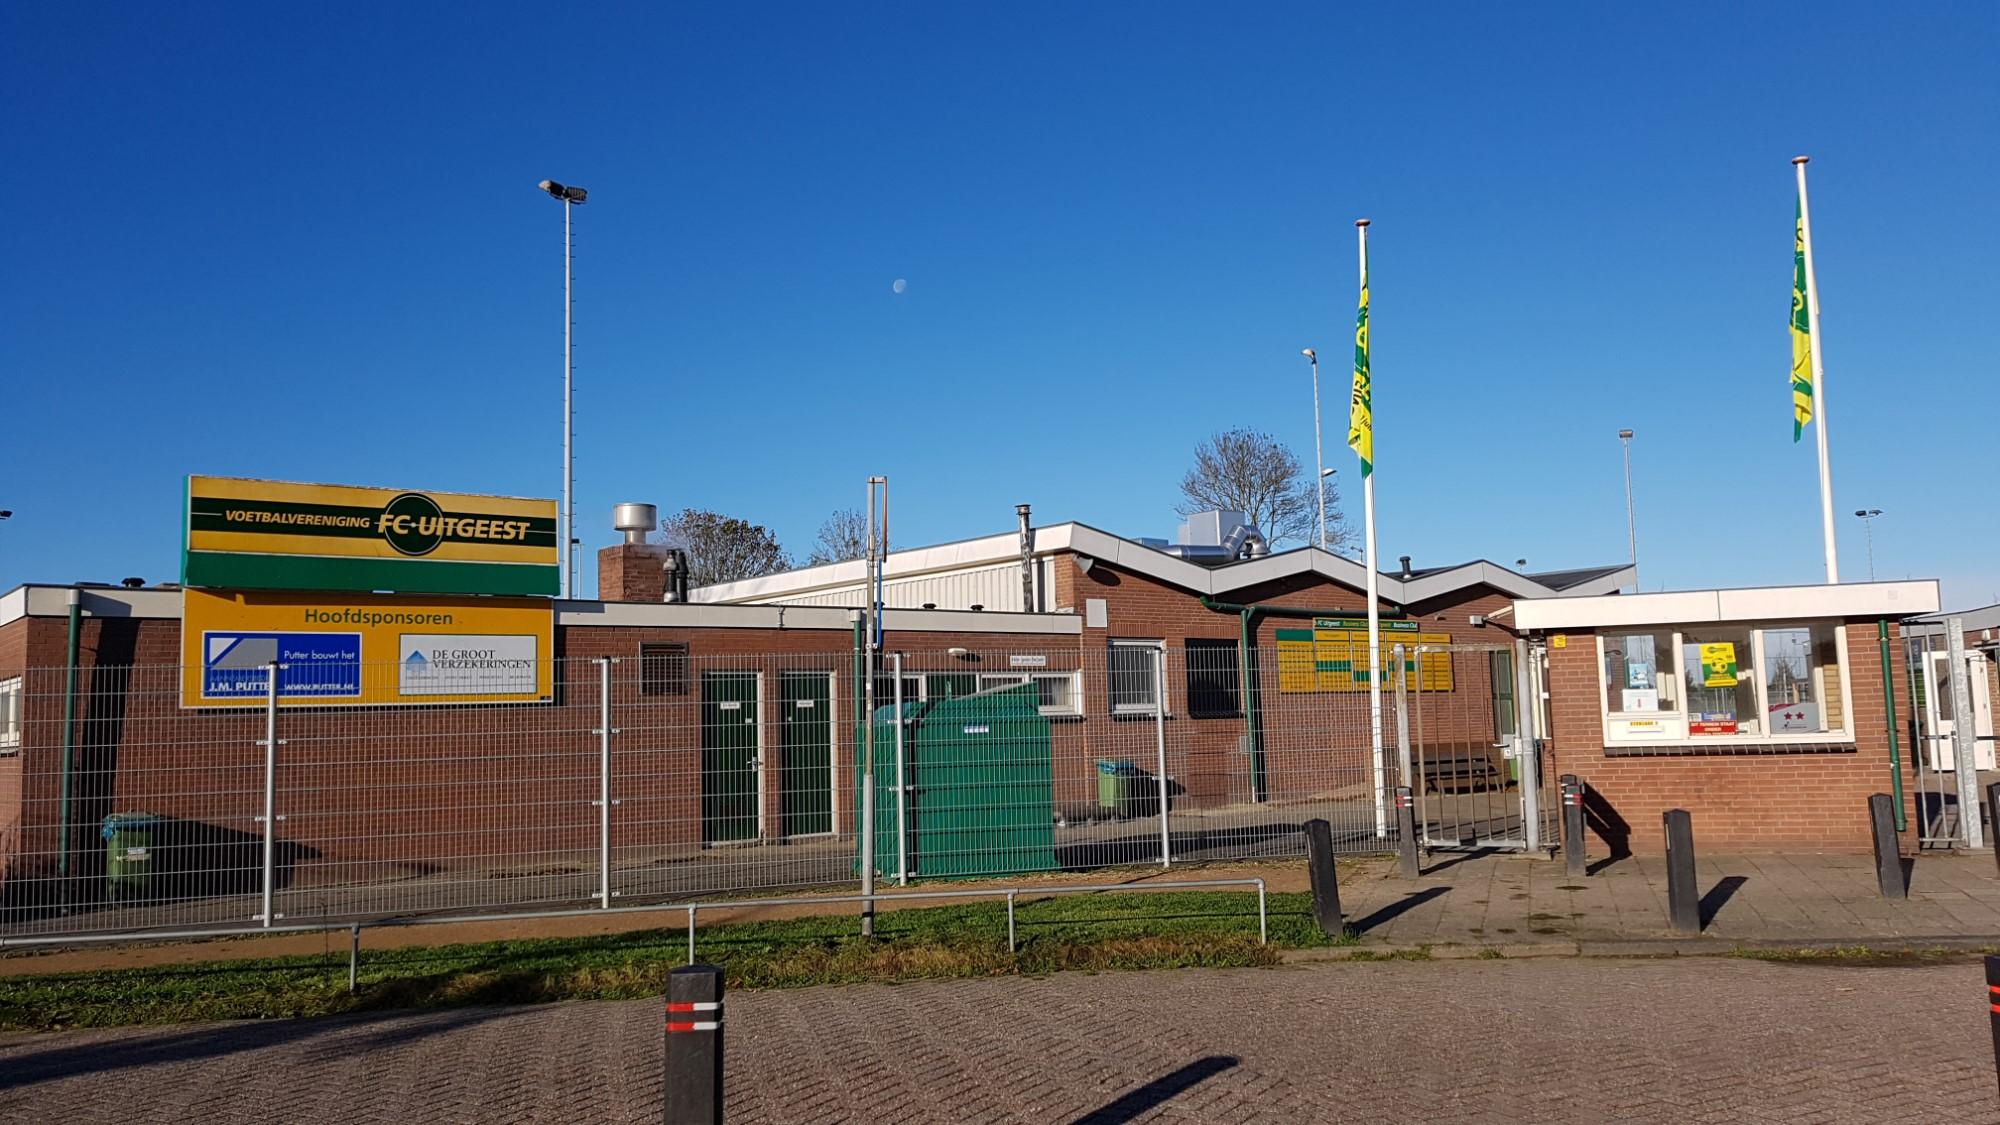 MAATREGELEN LOCKDOWN VOOR DE VOETBALSPORT